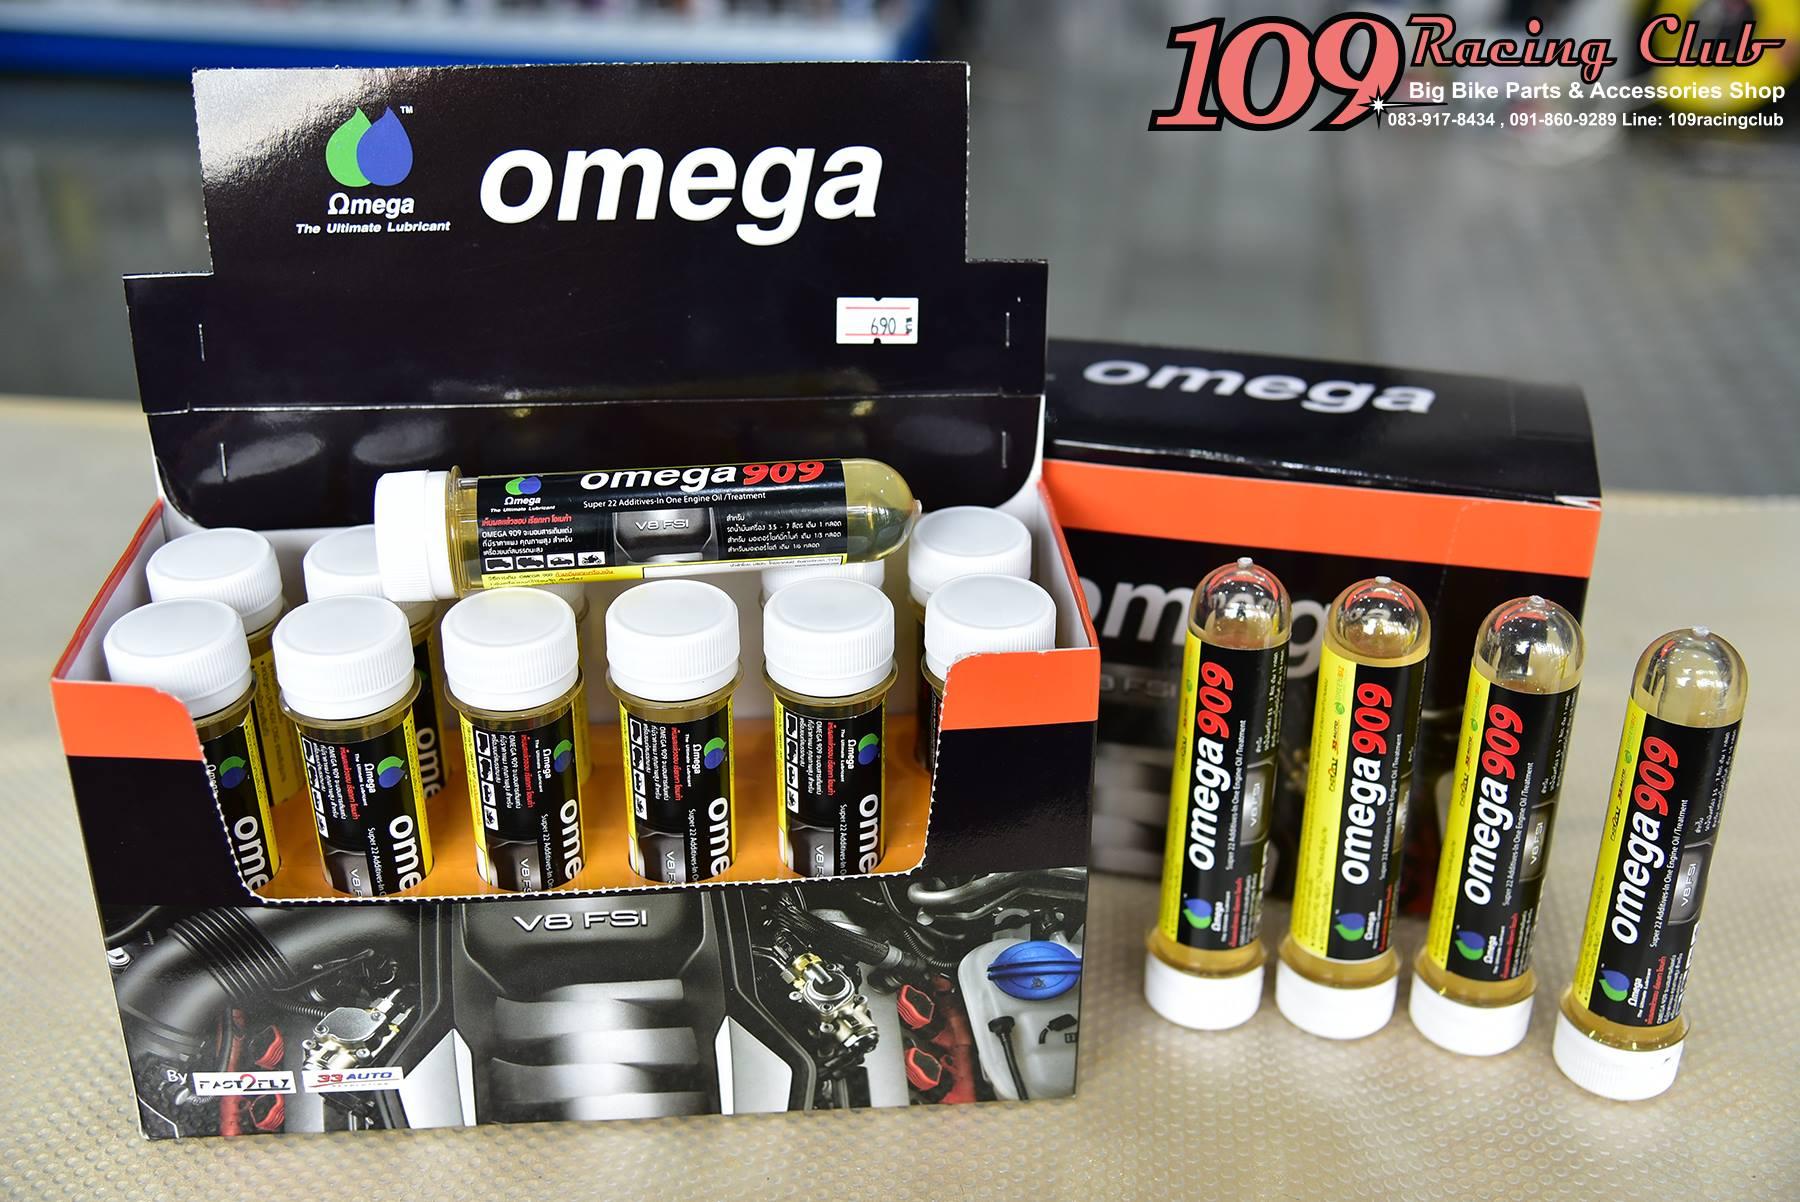 หัวเชื้อน้ำมันเครื่อง Omega 909